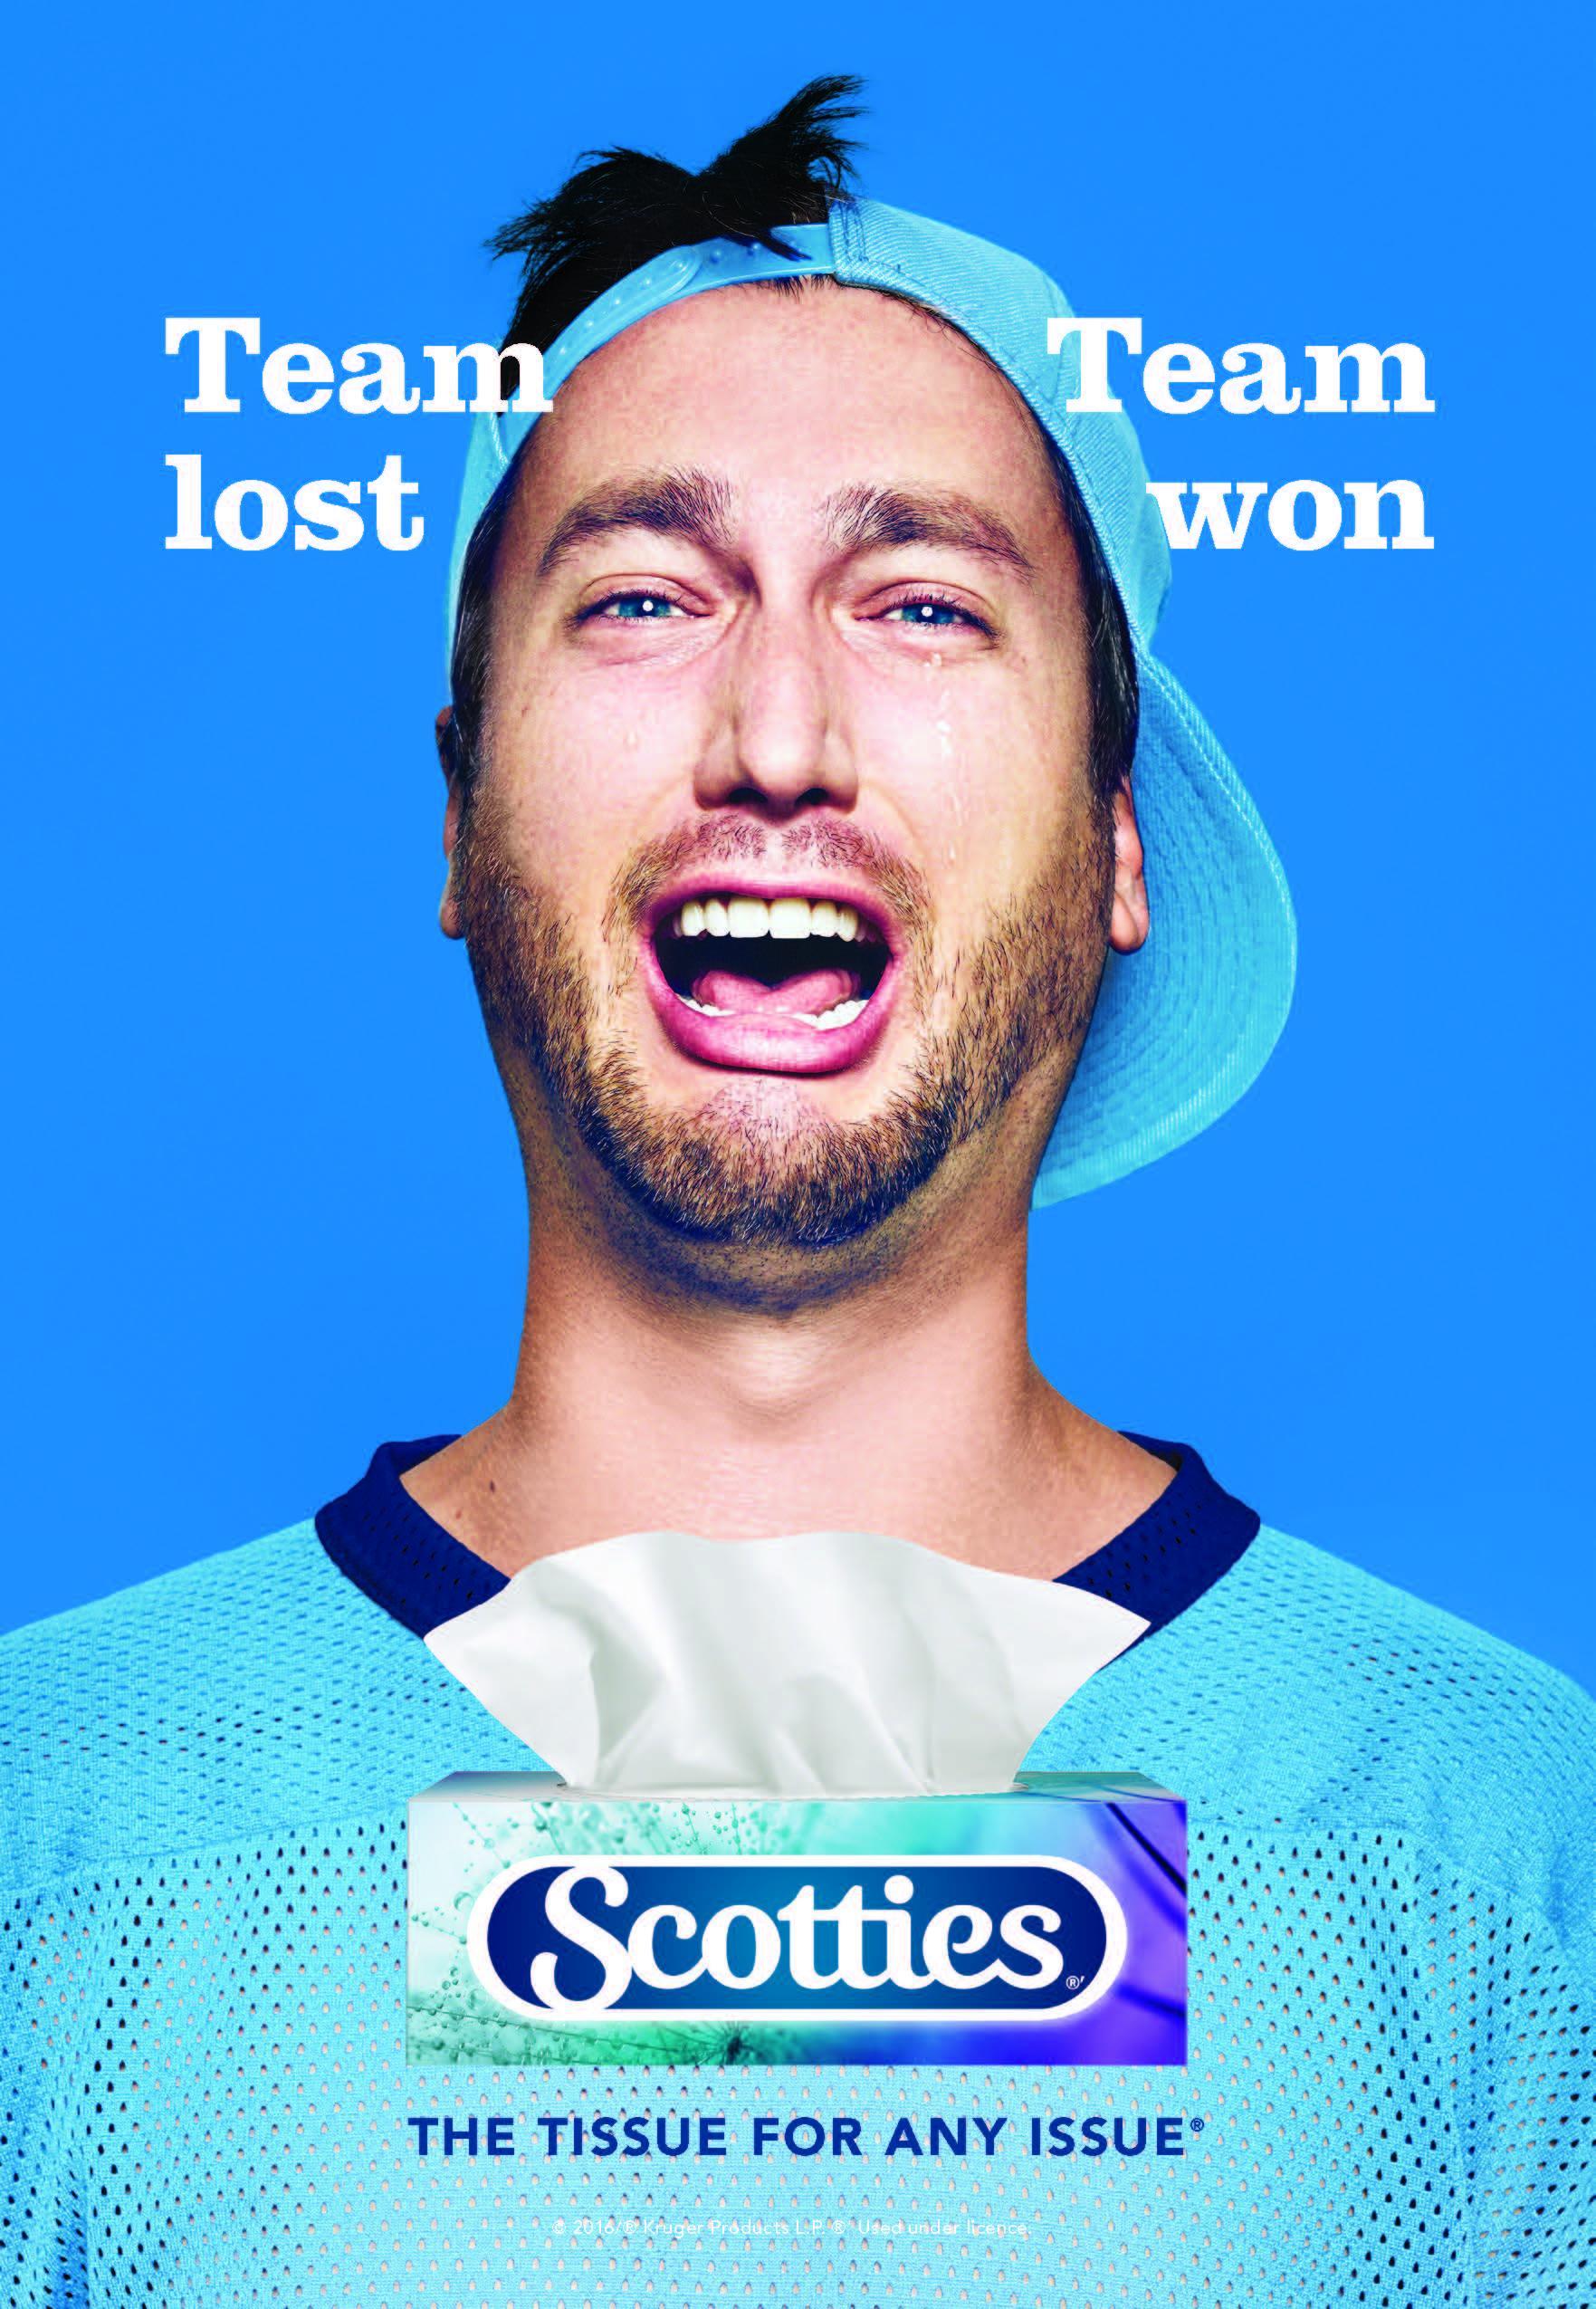 Scotties Print Ad - Team lost - team won